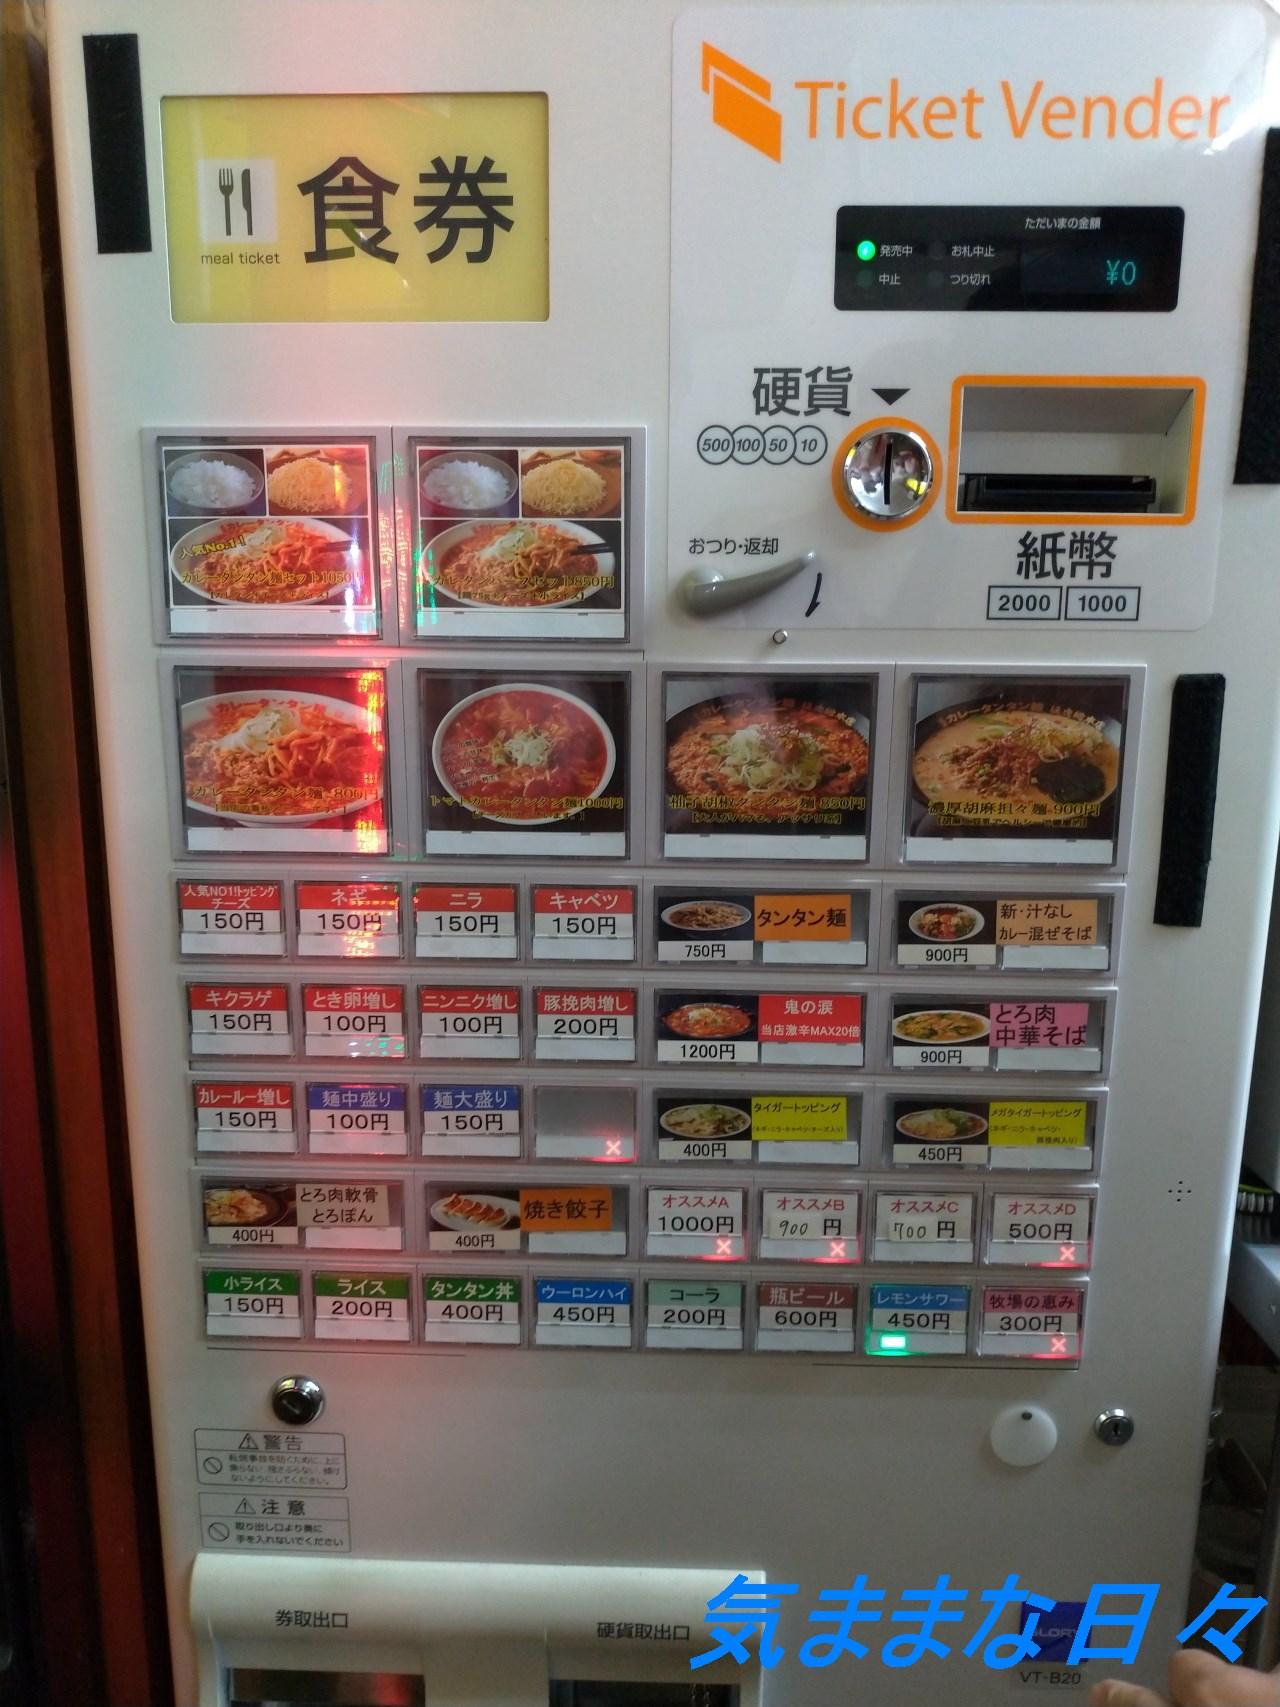 元祖カレータンタン麺の券売機